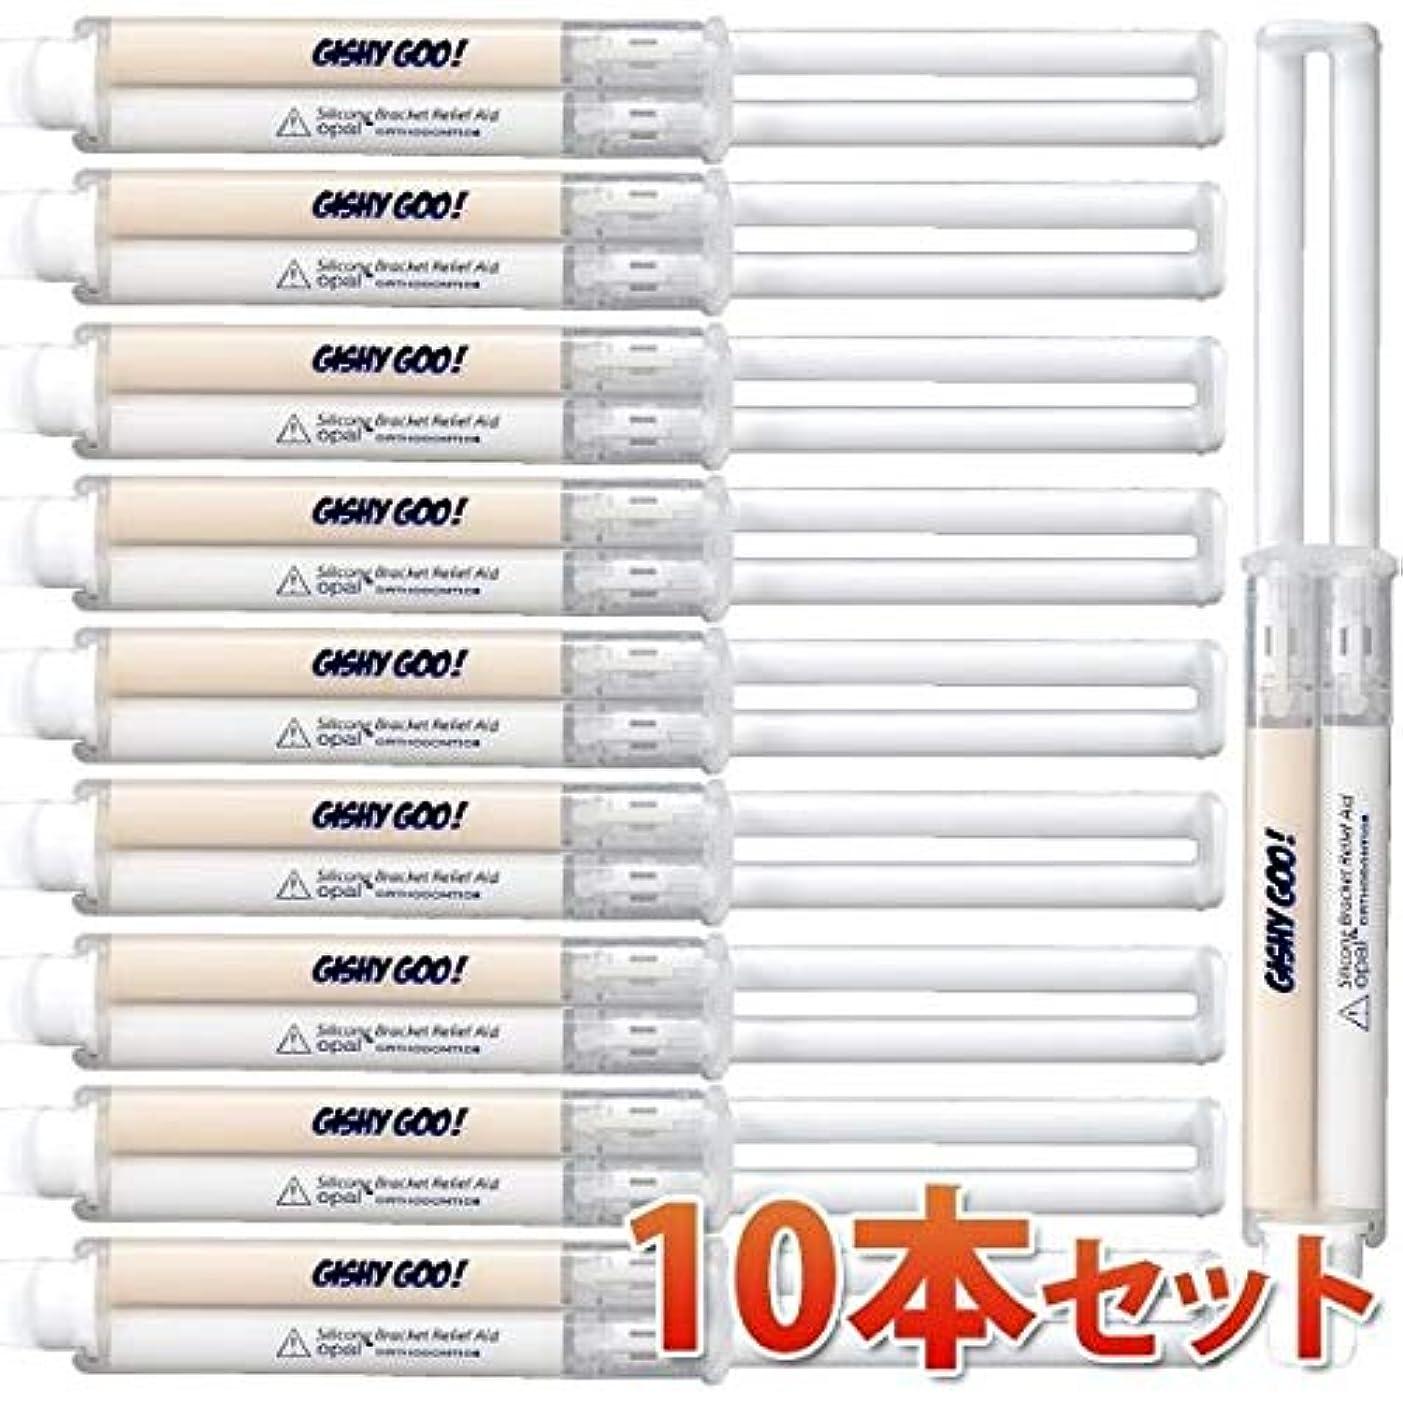 並外れて振り子コンデンサーGISHY GOO(ギシ グー)ホワイト 10本(5ml/本)